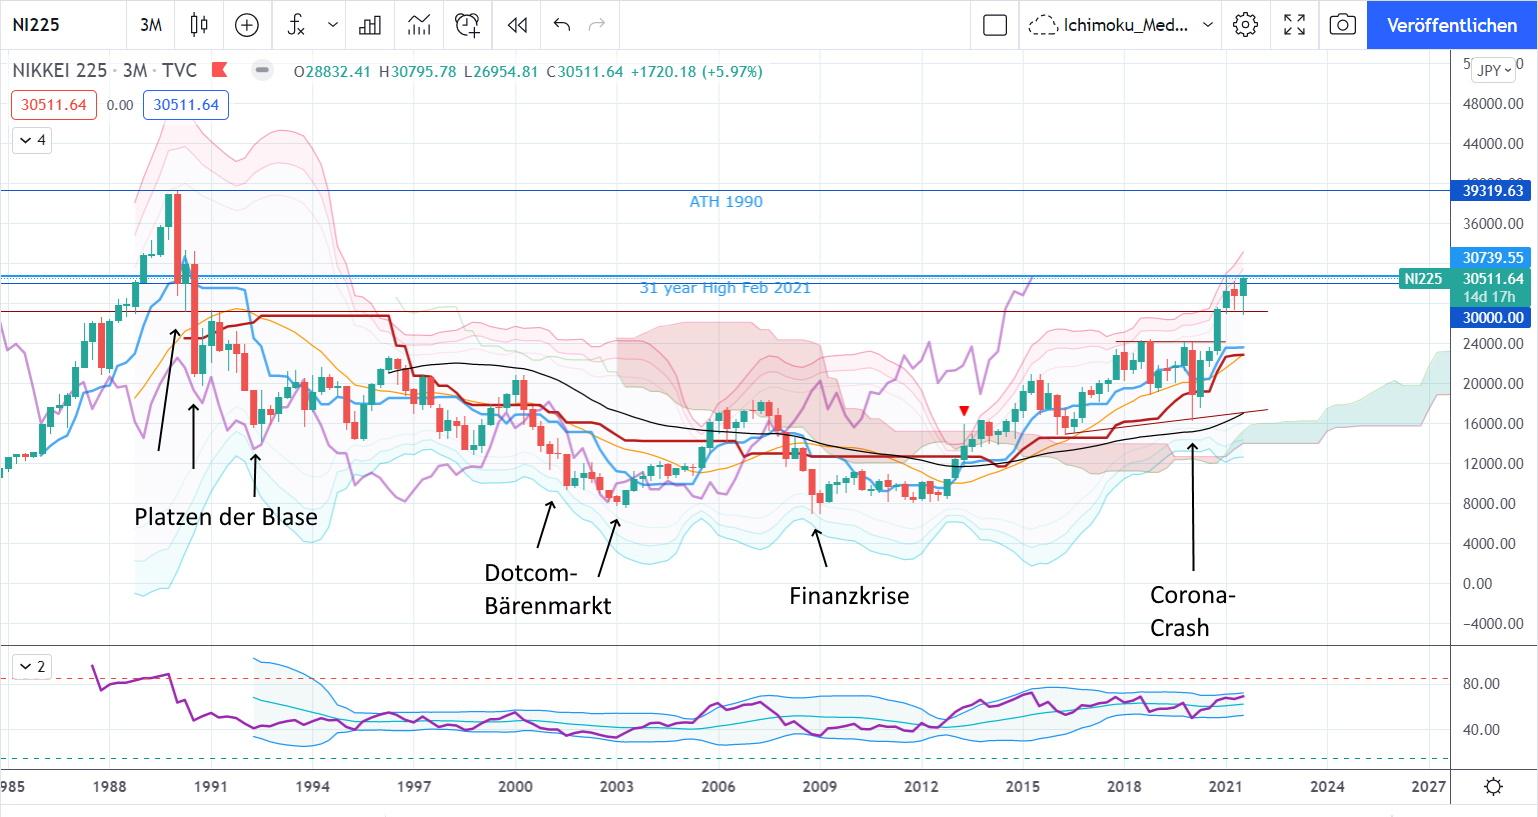 Der japanische Nikkei steht kurz vor einer langfristigen Kaufentscheidung! - Nikkei sehr langfristig